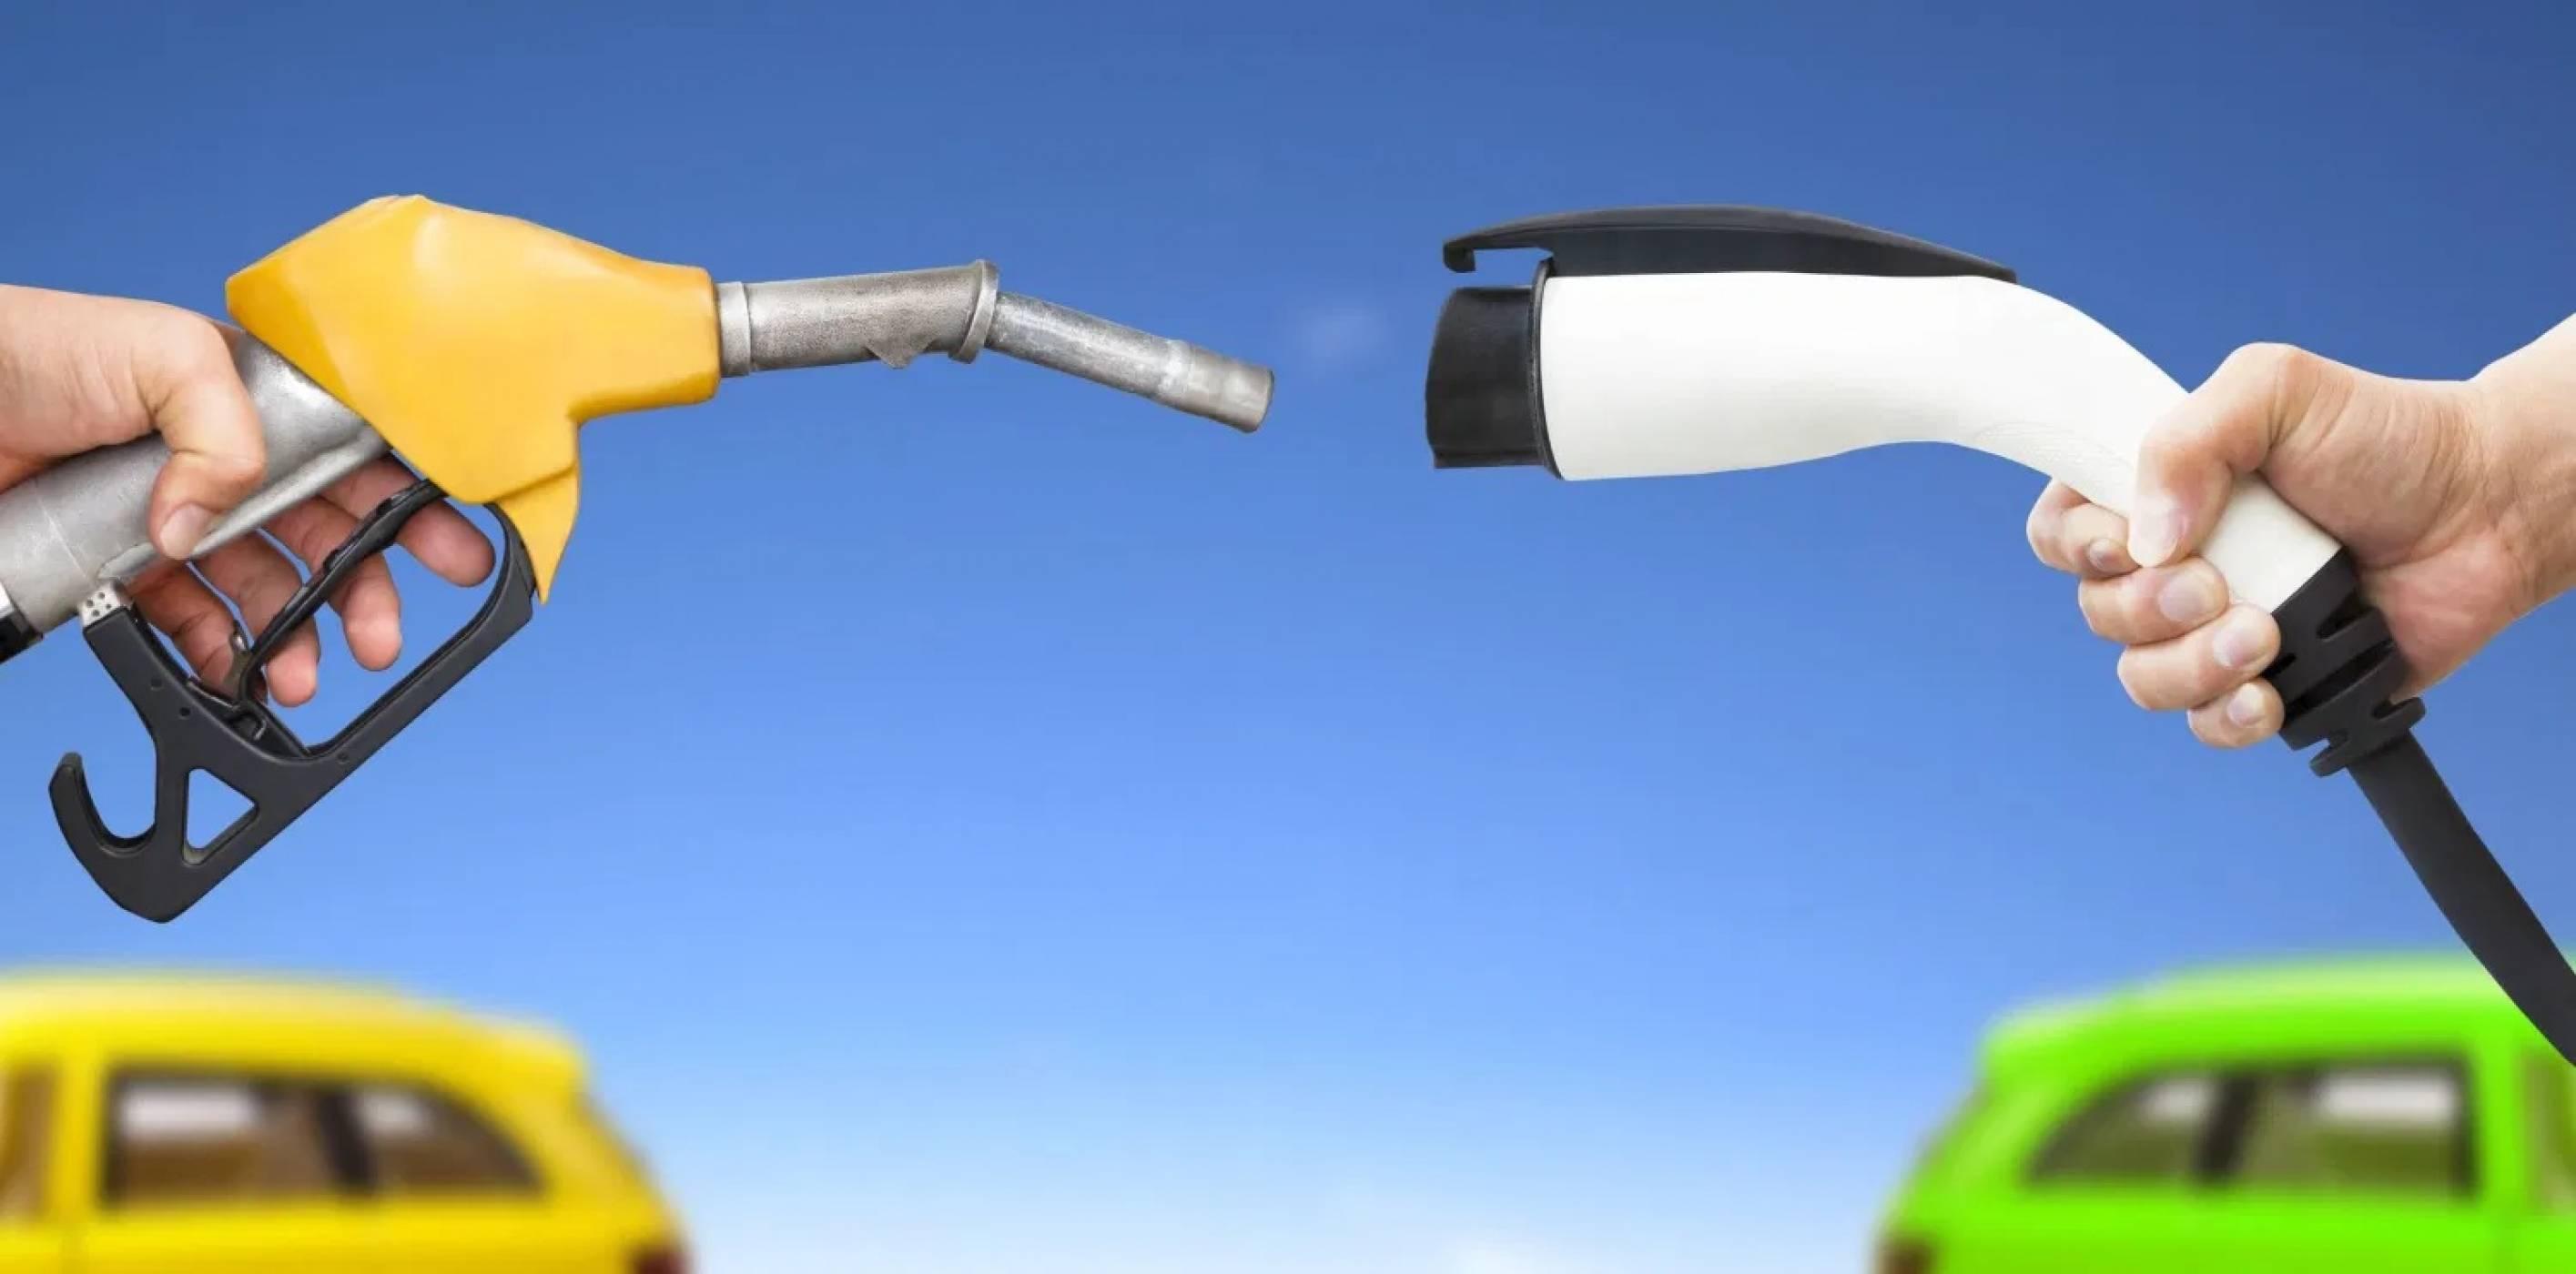 Проучване разсейва мита, че е-колите замърсяват толкова, колкото автомобилите, работещи с бензин